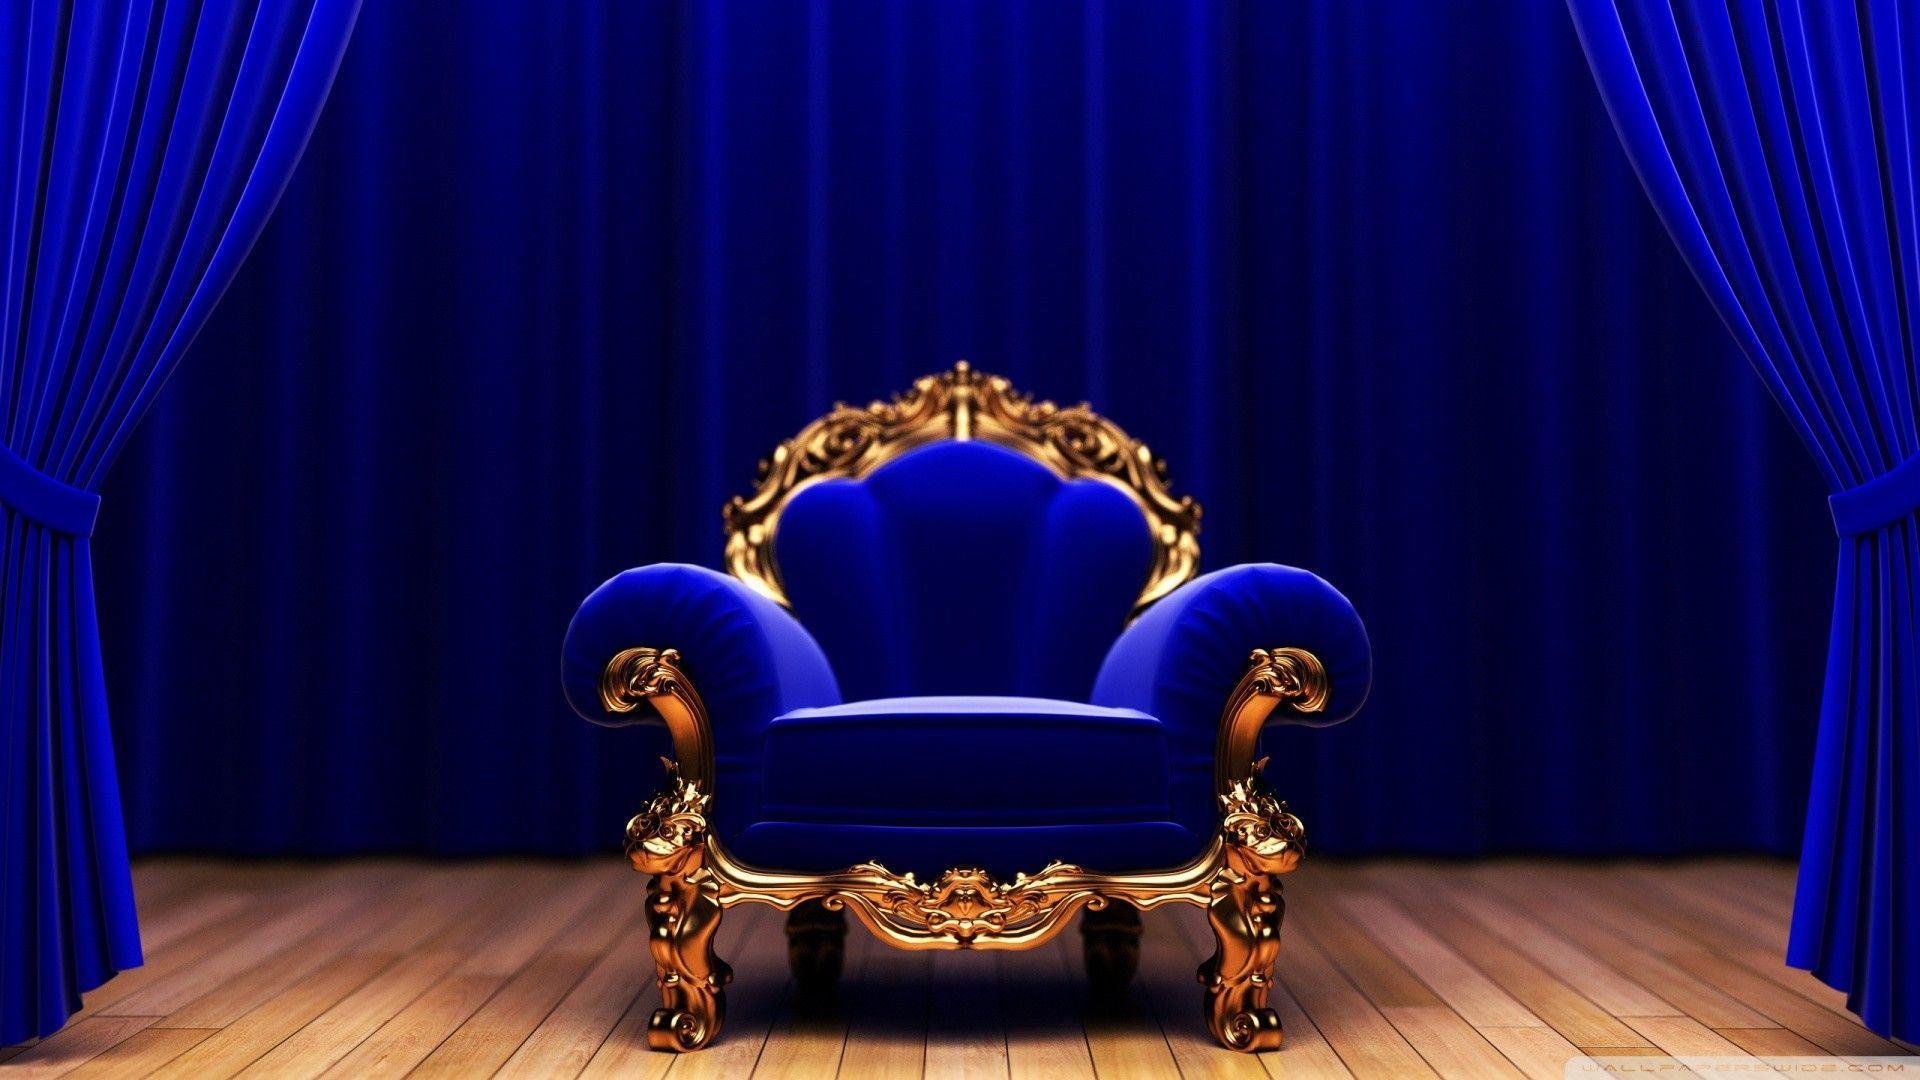 Download 600+ Background Hd King Paling Keren